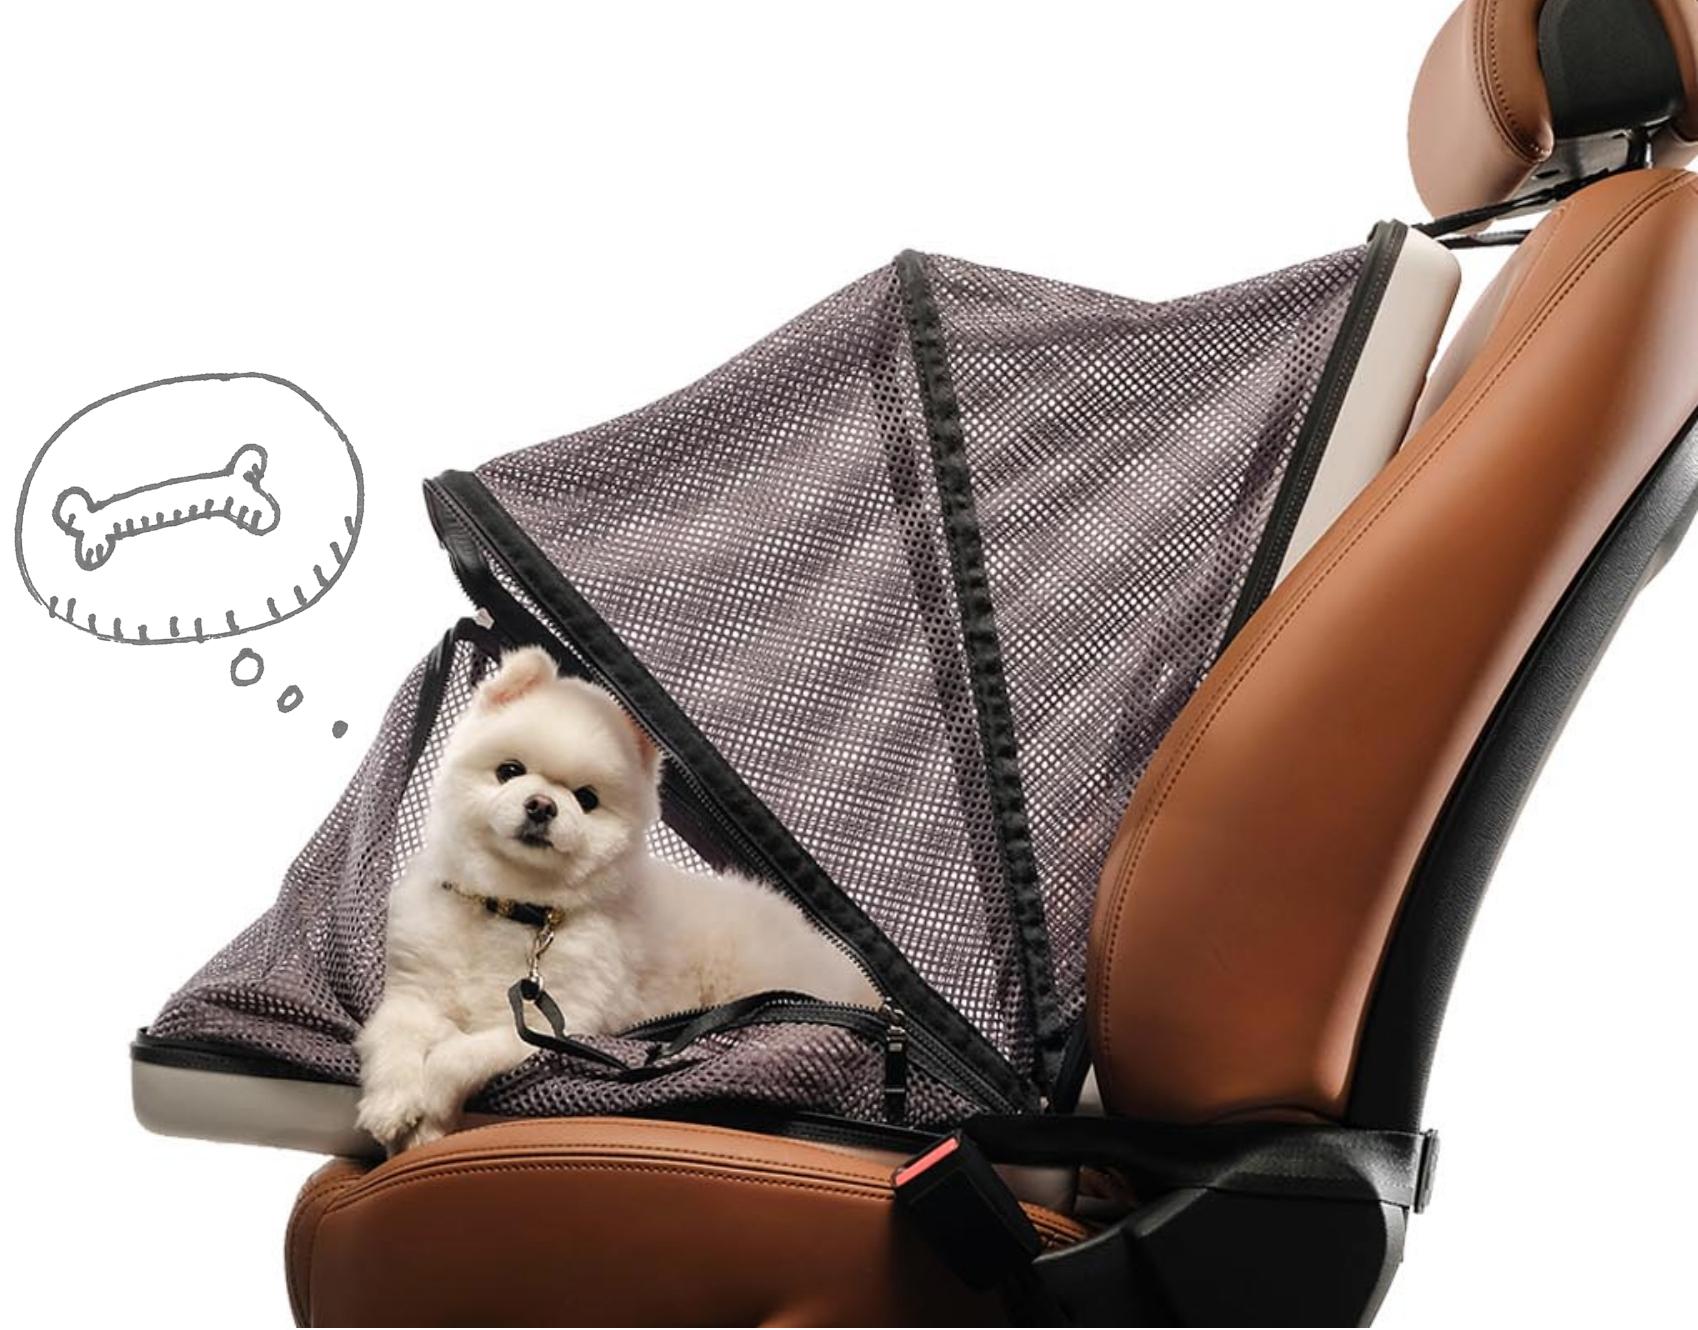 voyage en voiture avec son chien en toute sécurité